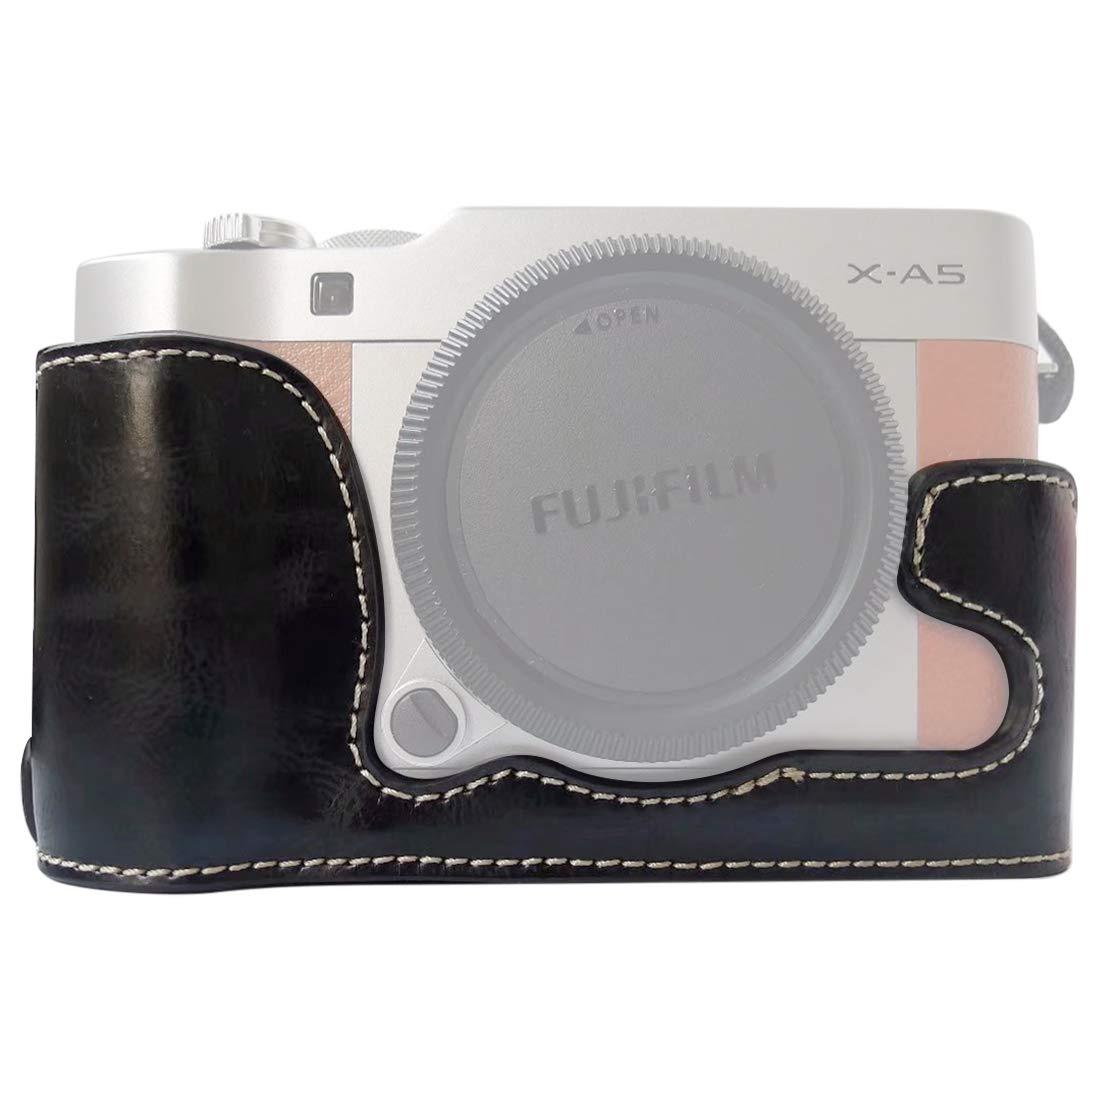 ファッション 便利 耐久性 1/4 インチ スレッド PU レザー カメラケースベース 富士フイルム X-A5 / X-A20 プリティ用 (カラー:ブラック) B07MJQPXCY